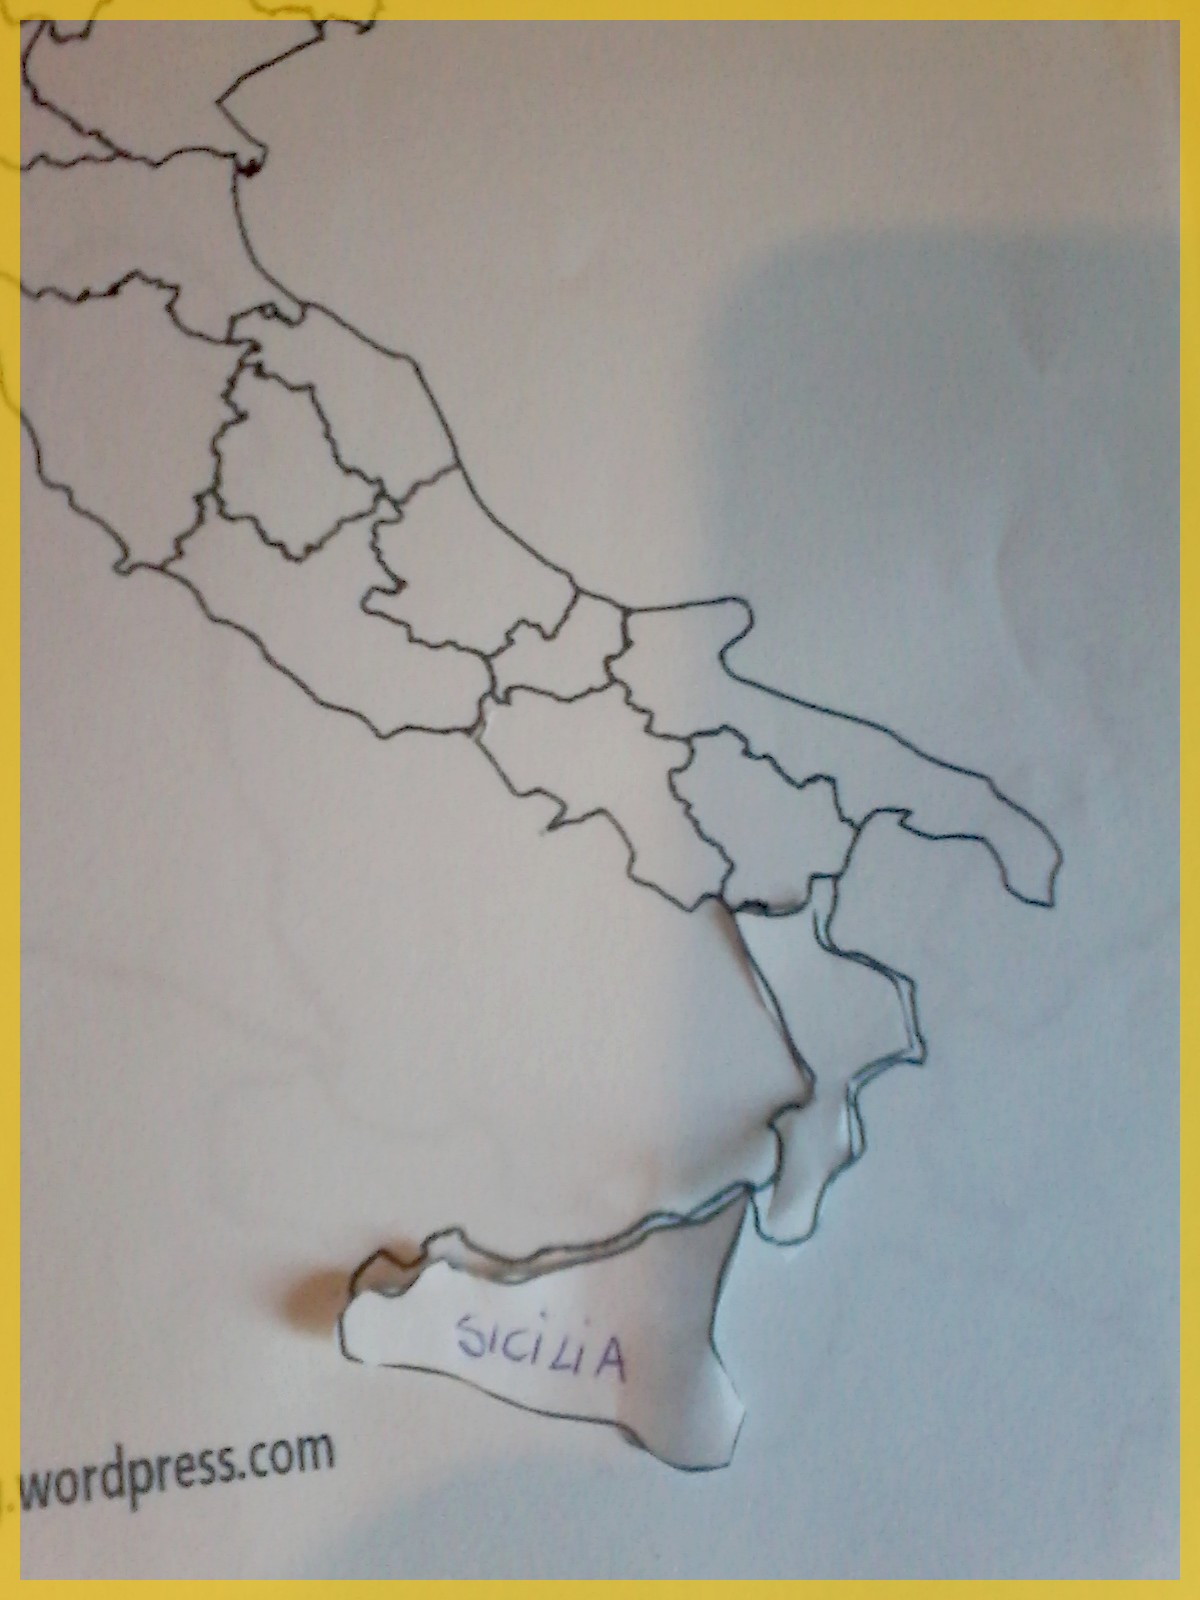 Cartina Geografica Italia Regioni Da Stampare.L Italia In Un Puzzle Per Imparare Regioni E Posizioni Per Quaderno Crearegiocando